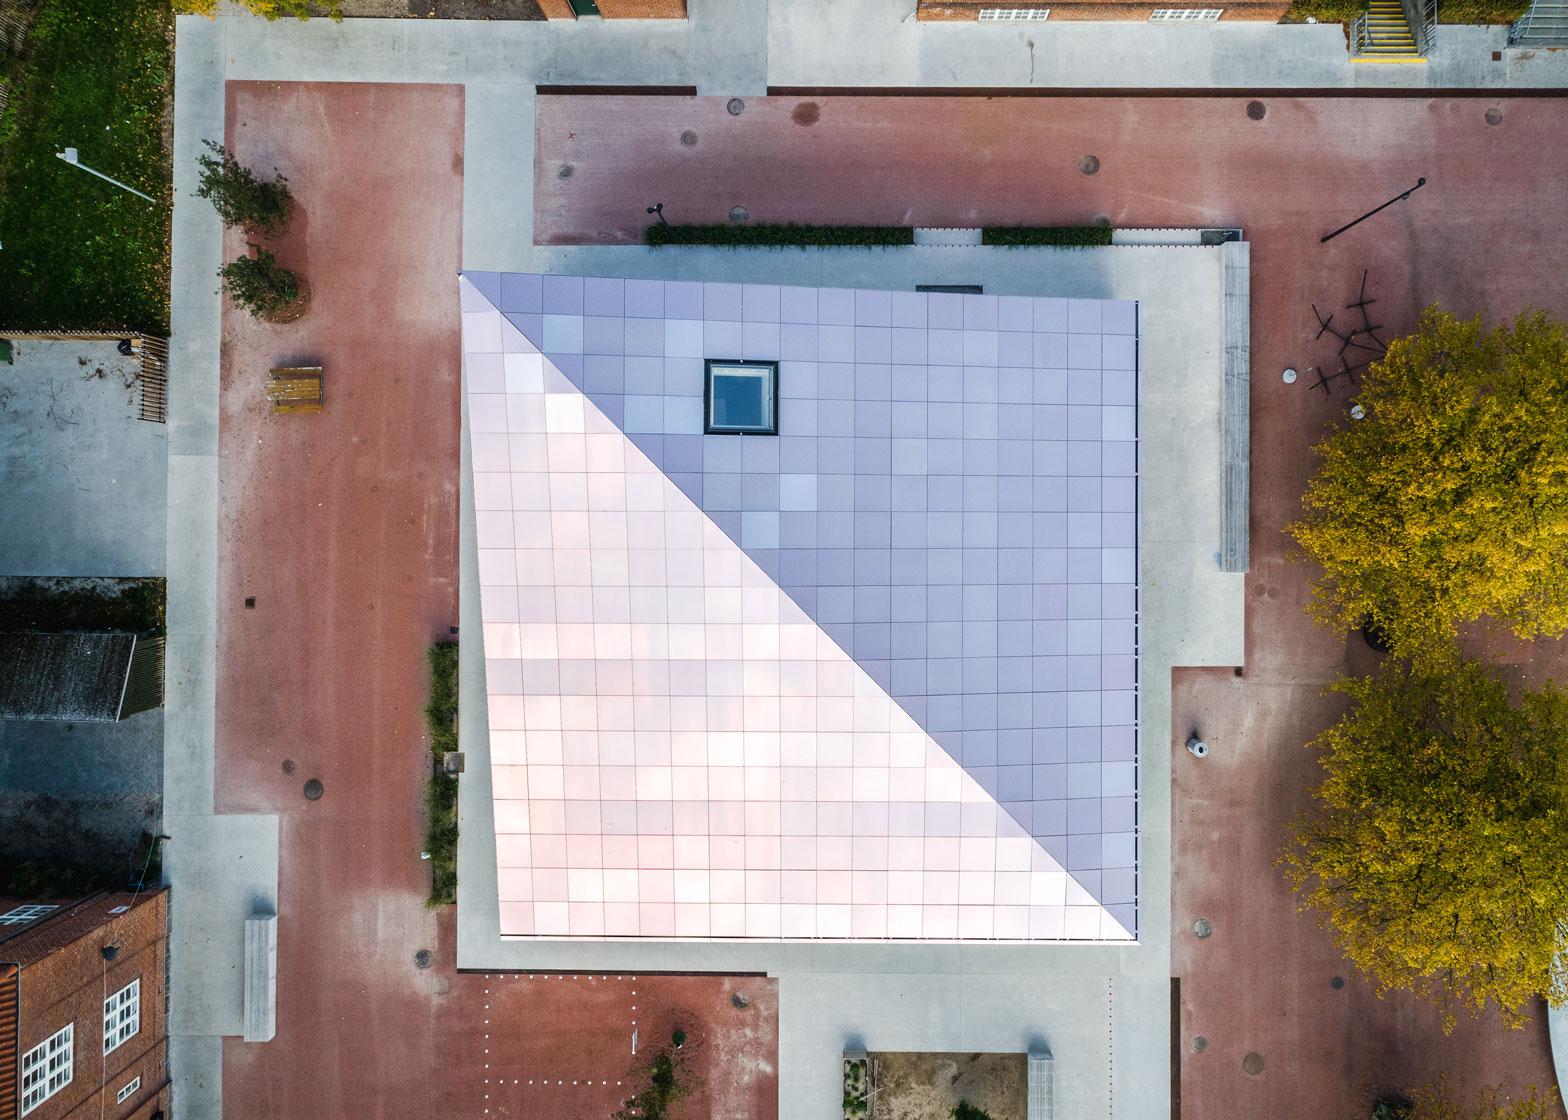 Et diagonalt snit bryder tagkonstruktionen på huset